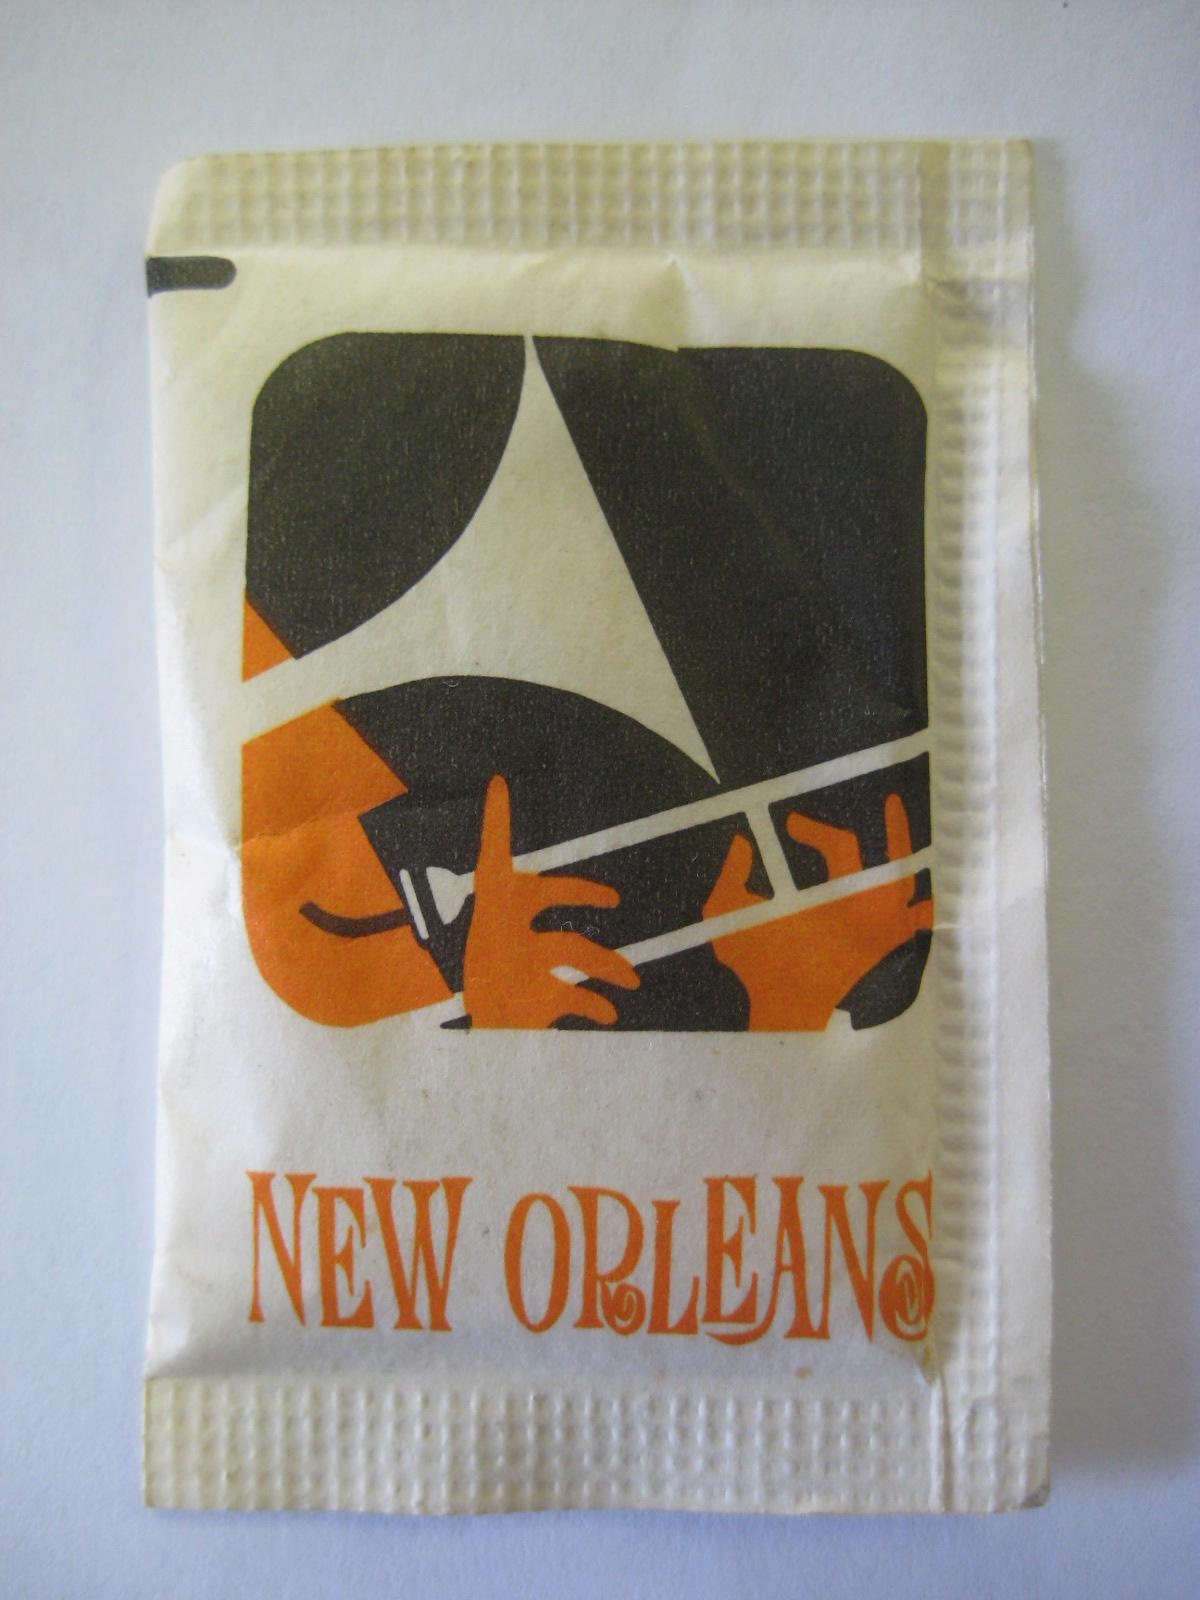 Playboy Club New Orleans Sugar